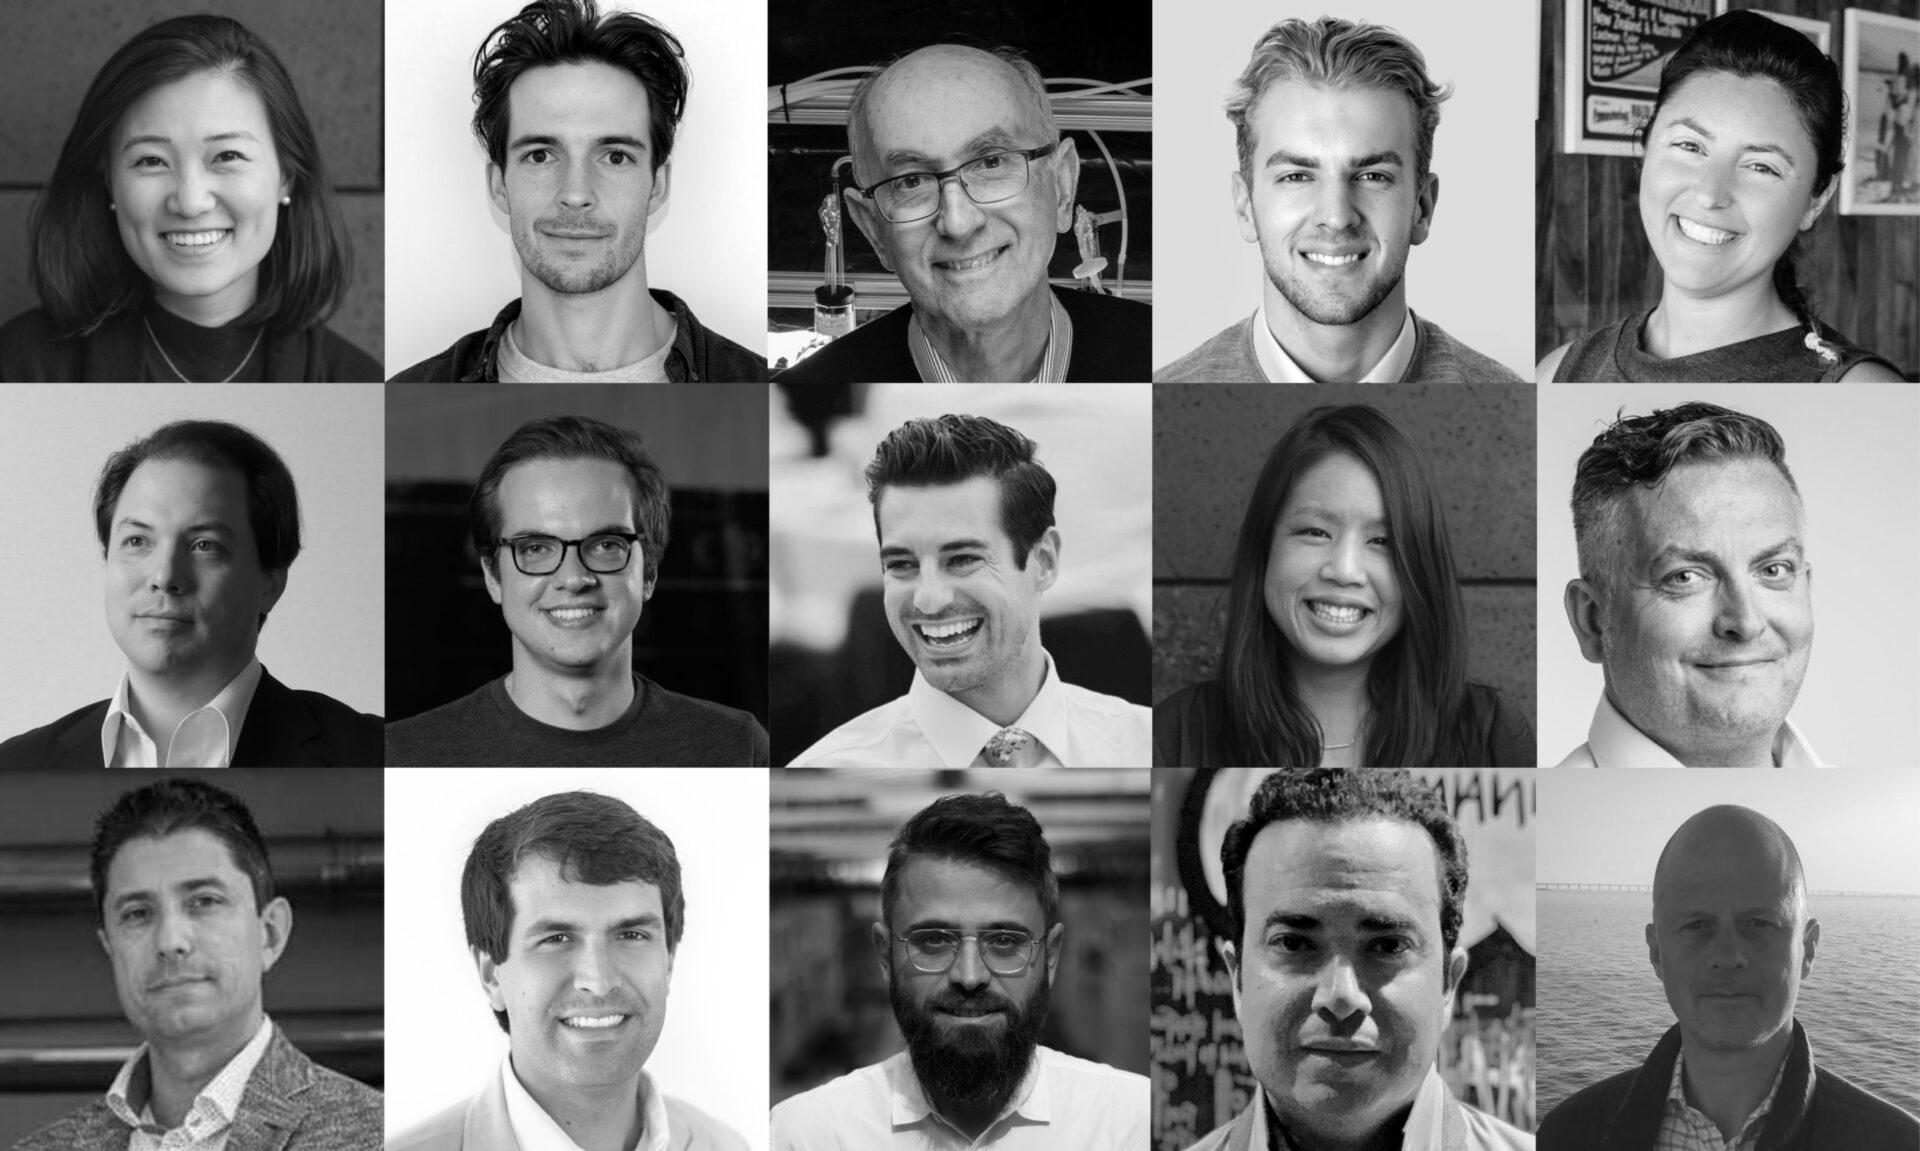 Fashion startup winners